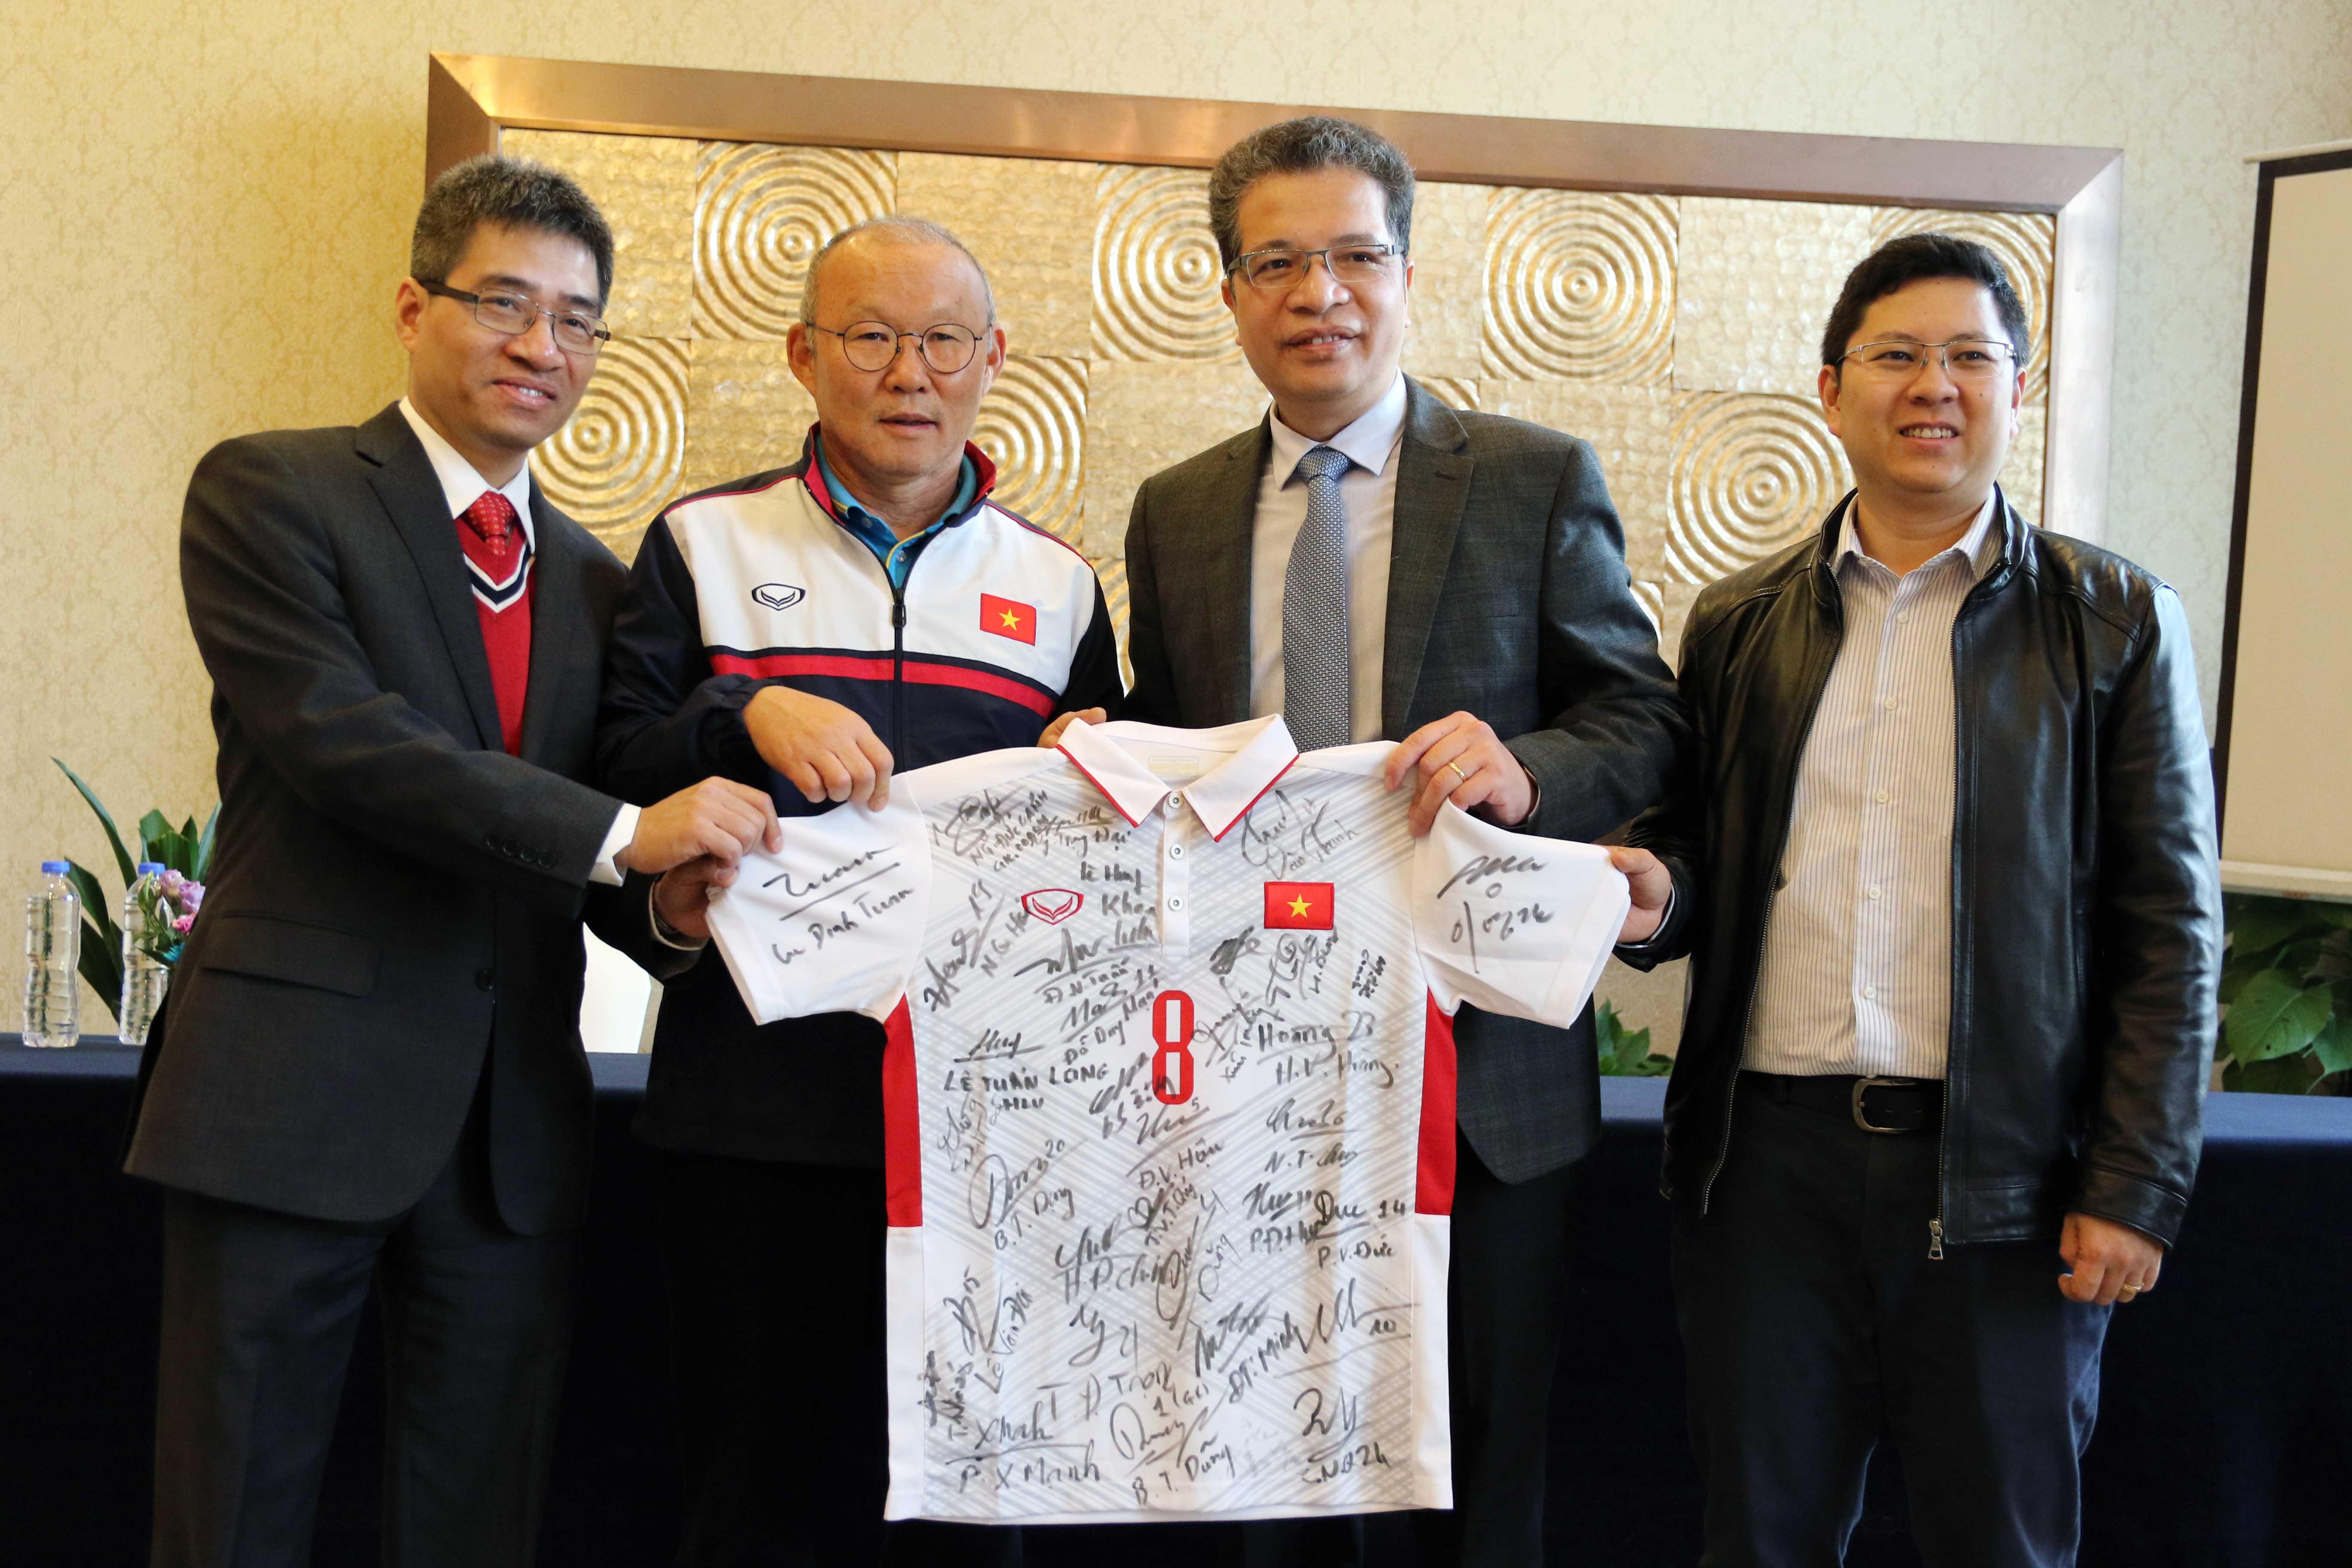 HLV trưởng Park Hang-seo tặng áo đấu có chữ ký của U23 Việt Nam cho Đại sứ đặc mệnh toàn quyền Việt Nam tại Trung Quốc.